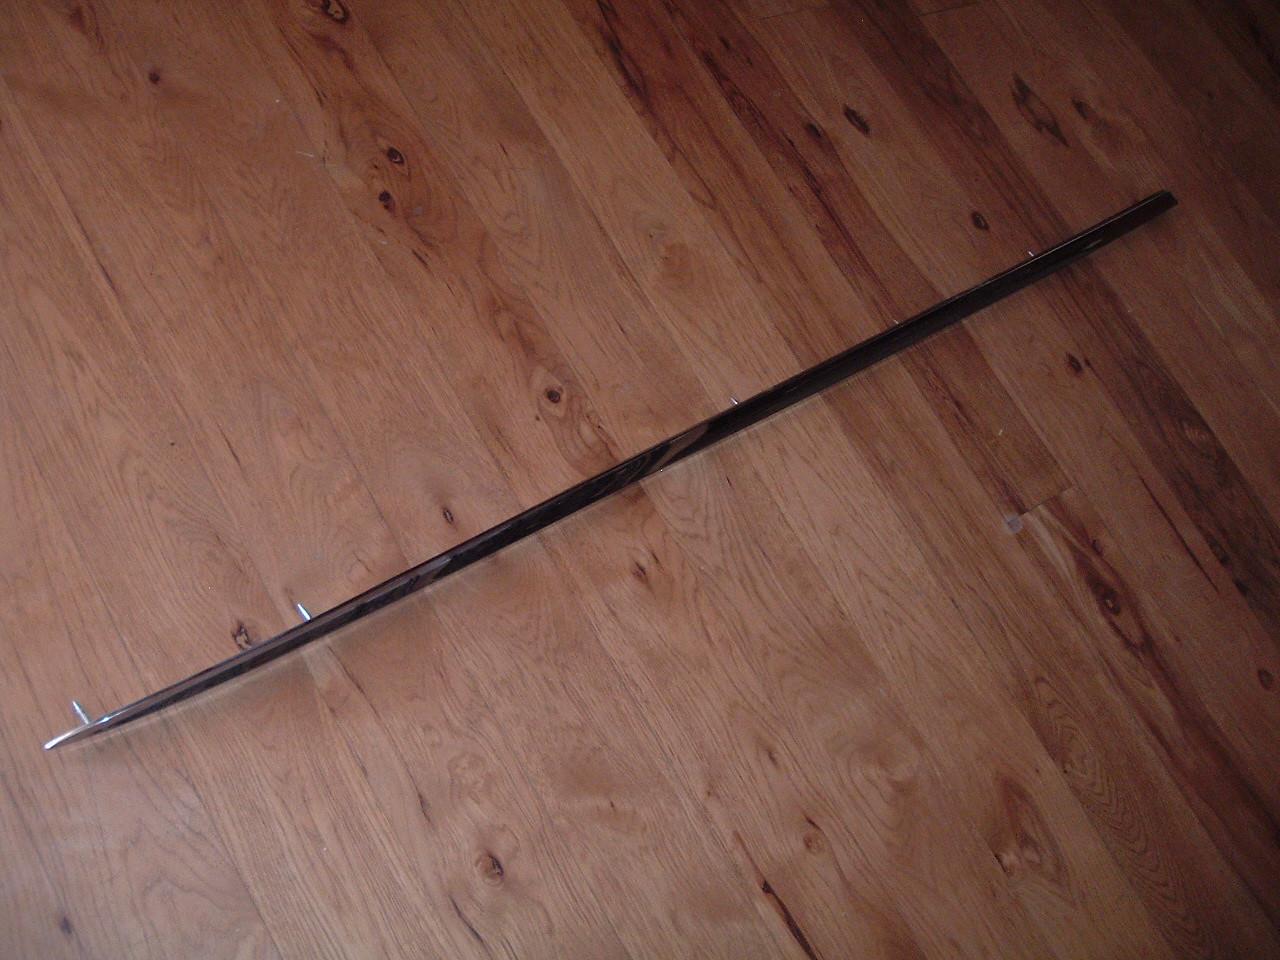 1962 plymouth fury front fender molding nos mopar 2421688 2276910 (z 2421688)